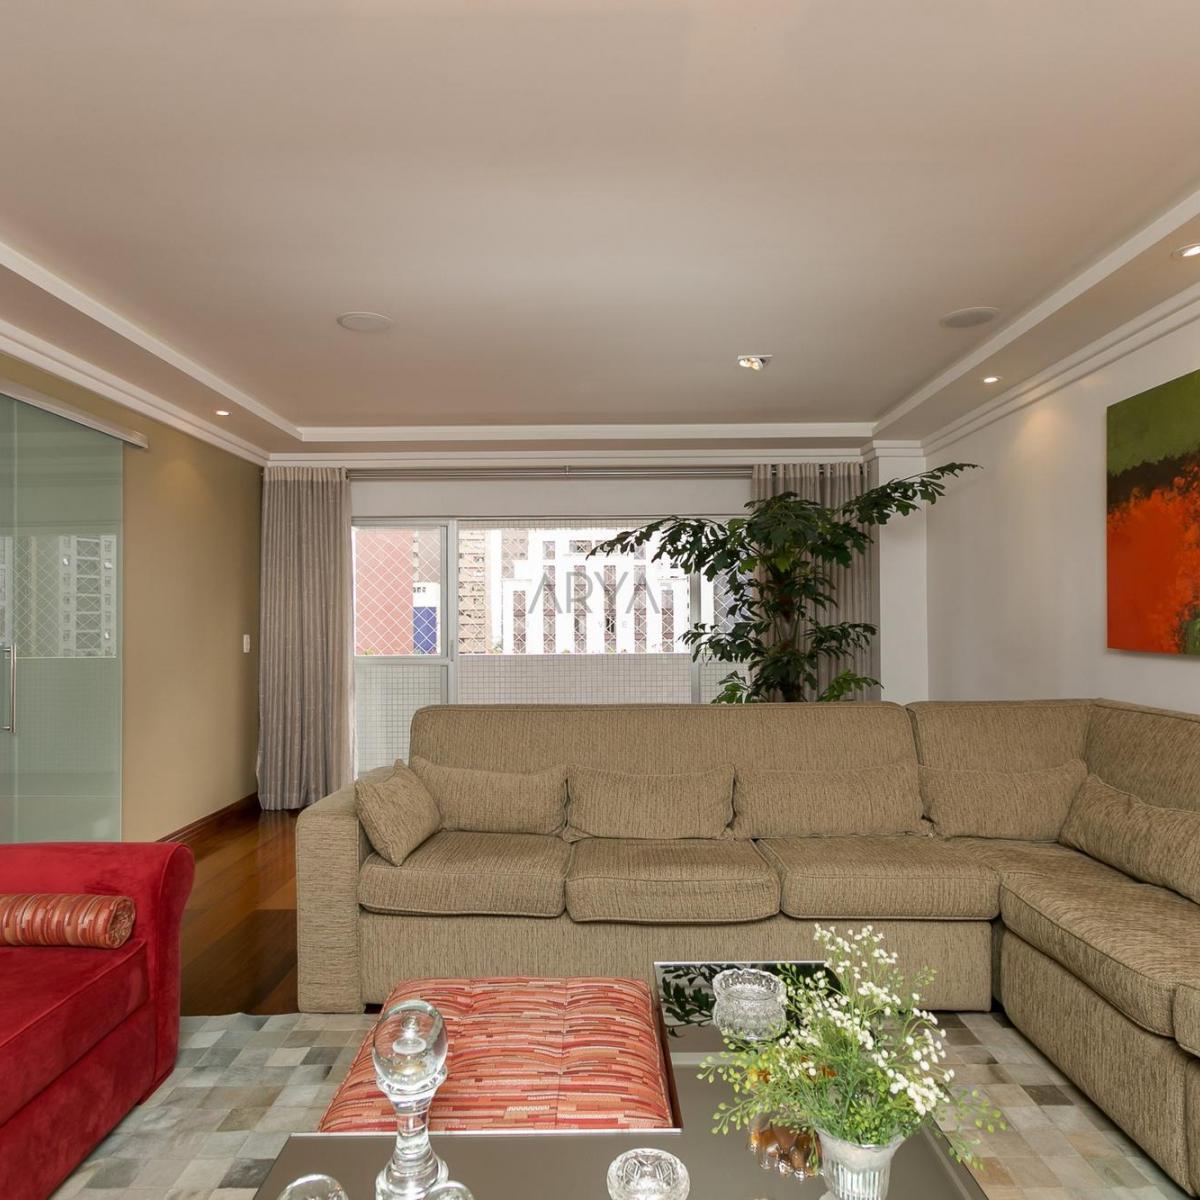 http://www.infocenterhost2.com.br/crm/fotosimovel/230246/03_living_apartamento_4_quartos_2_vagas_garagem_la_concorde_batel_praça_do_japao.jpg